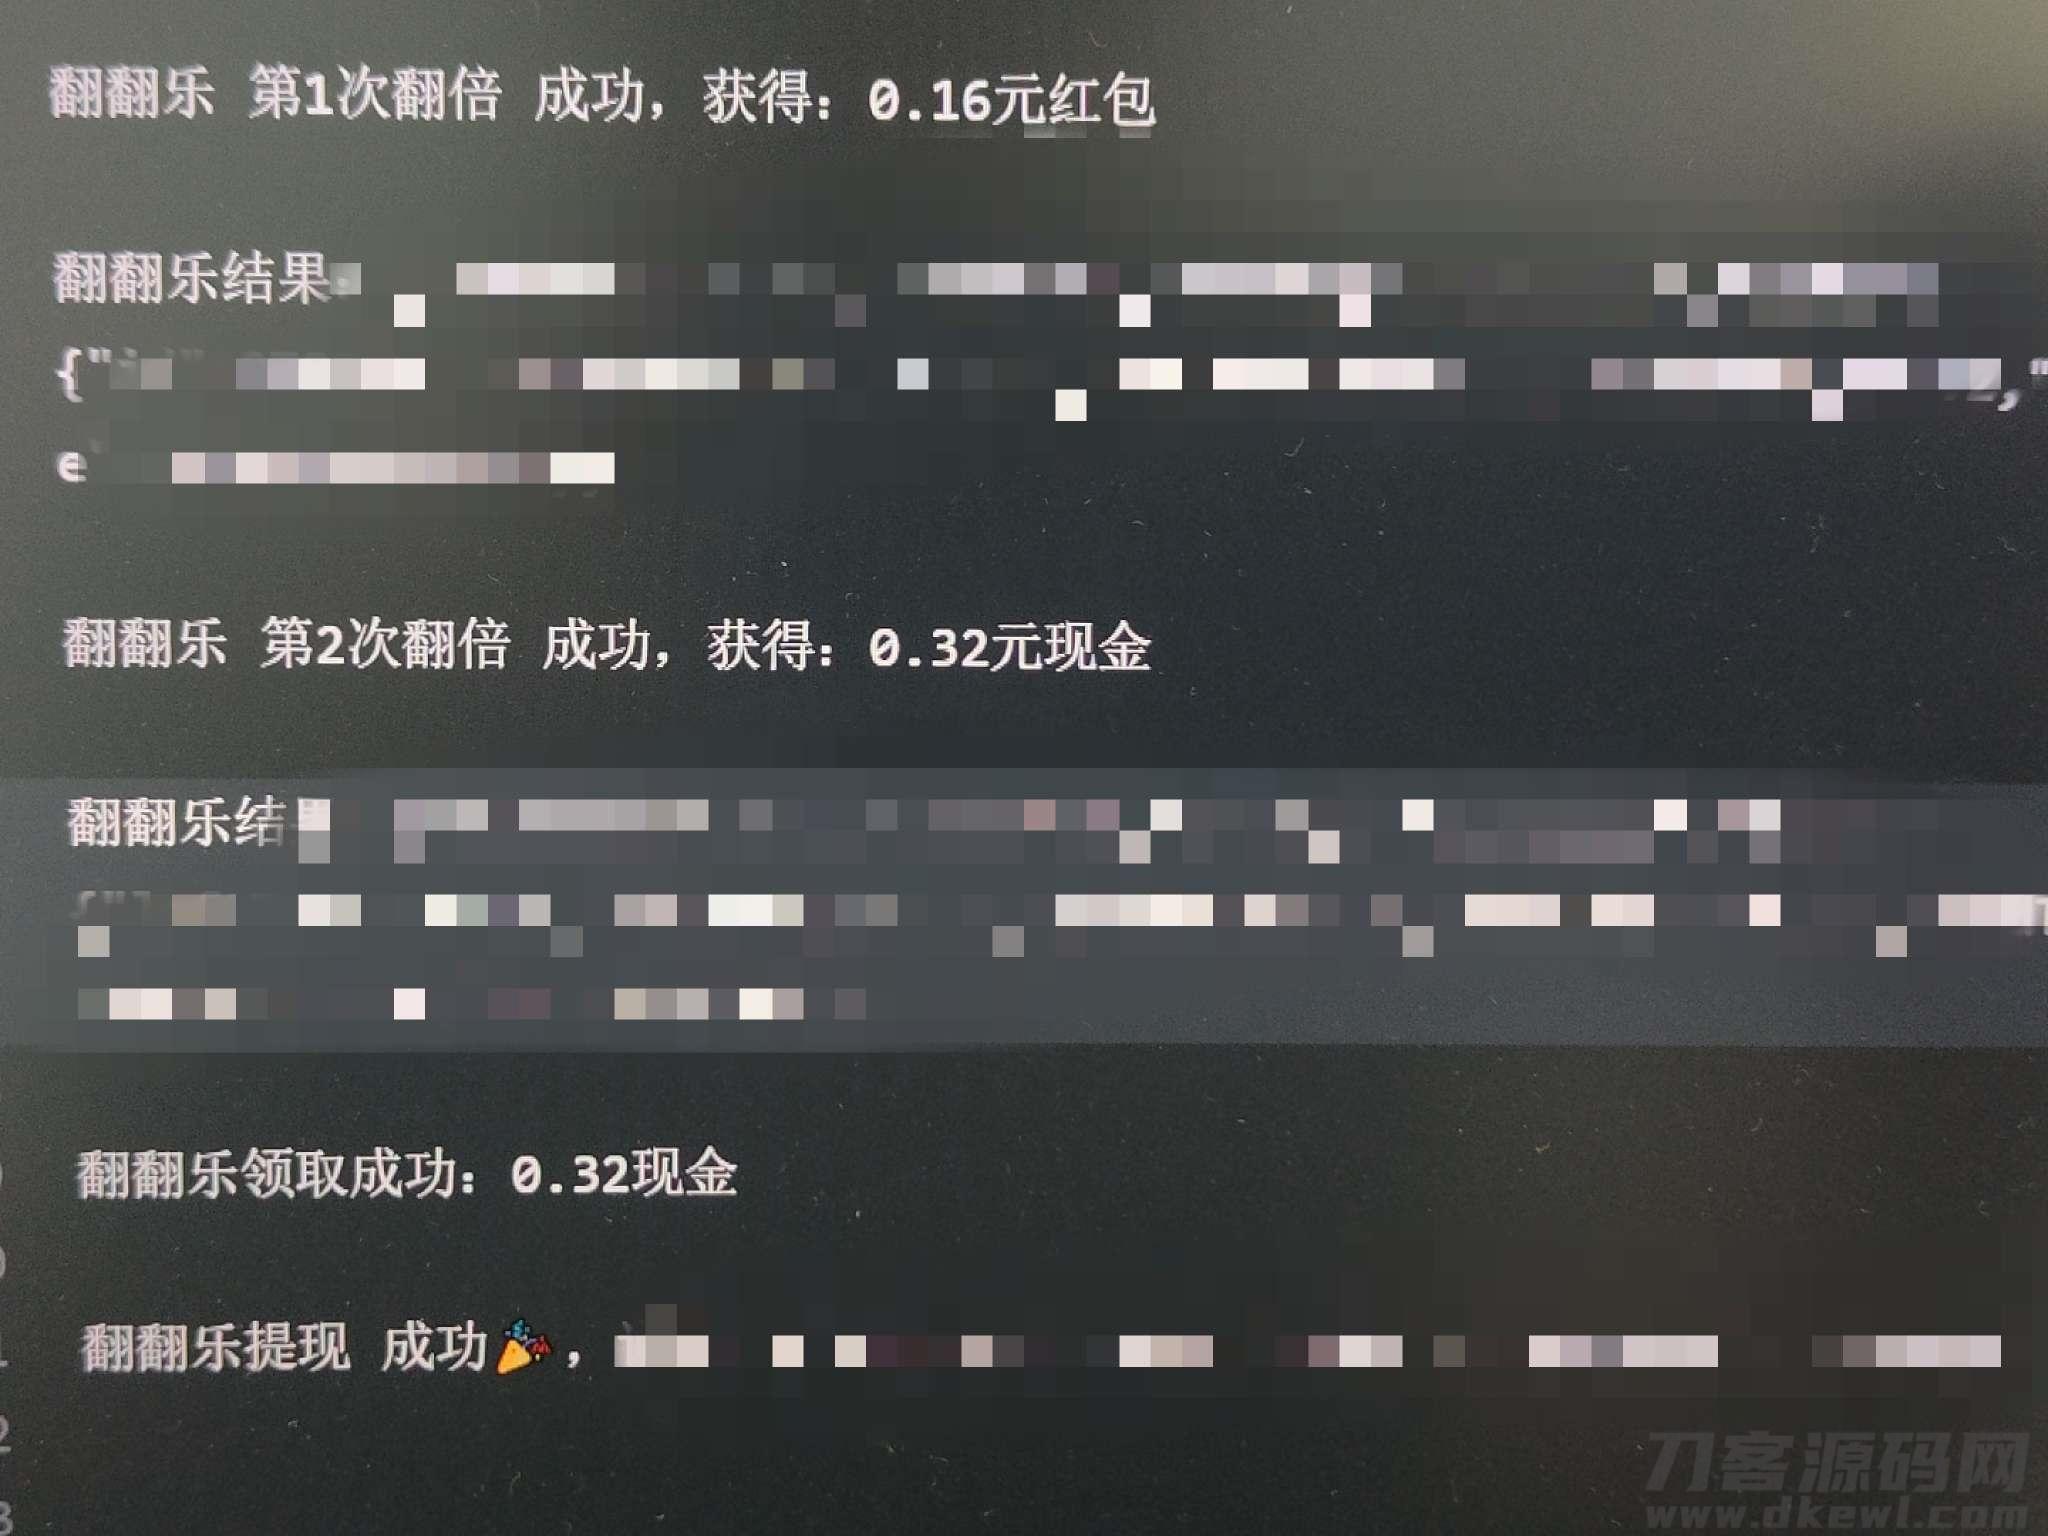 [无限制]京东商城极速版大红包每钟头0.32及之上插图4